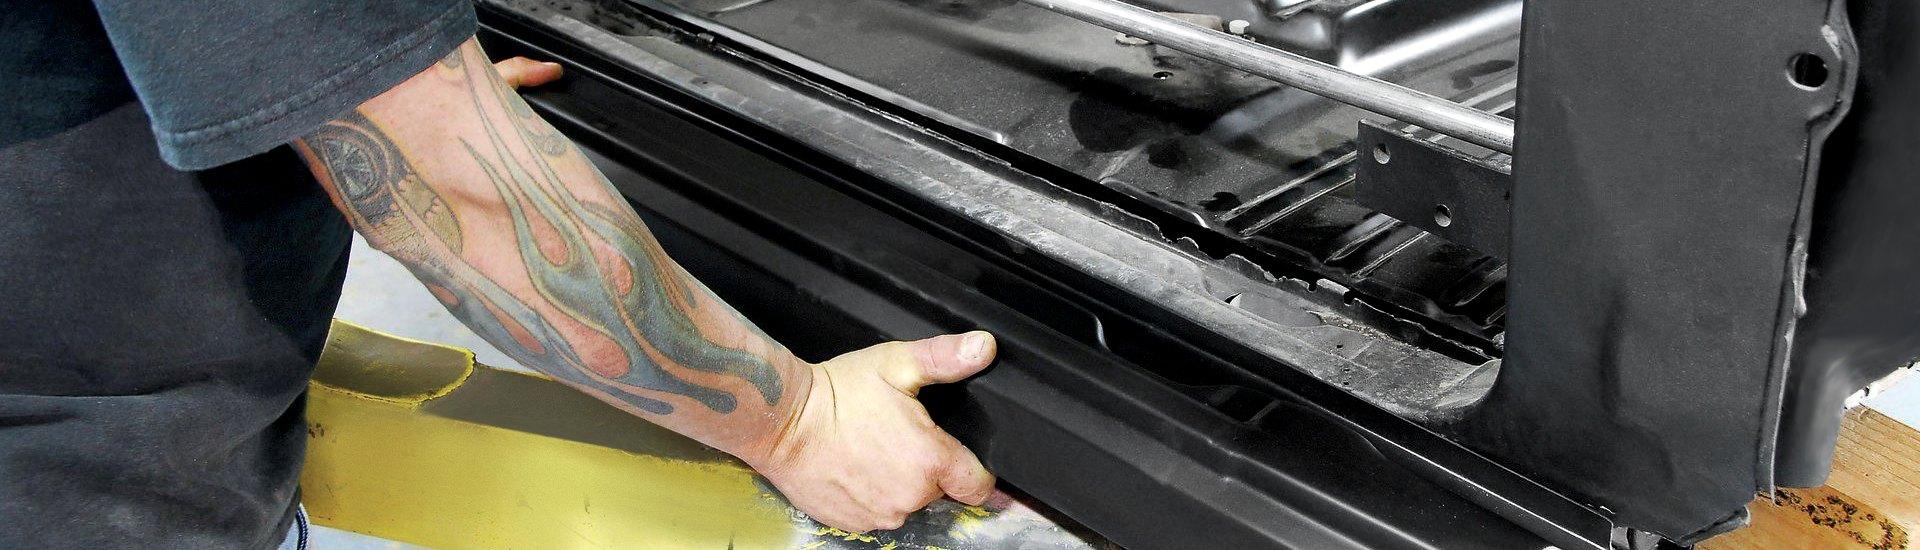 2010 Toyota Prius Chrome Door Molding